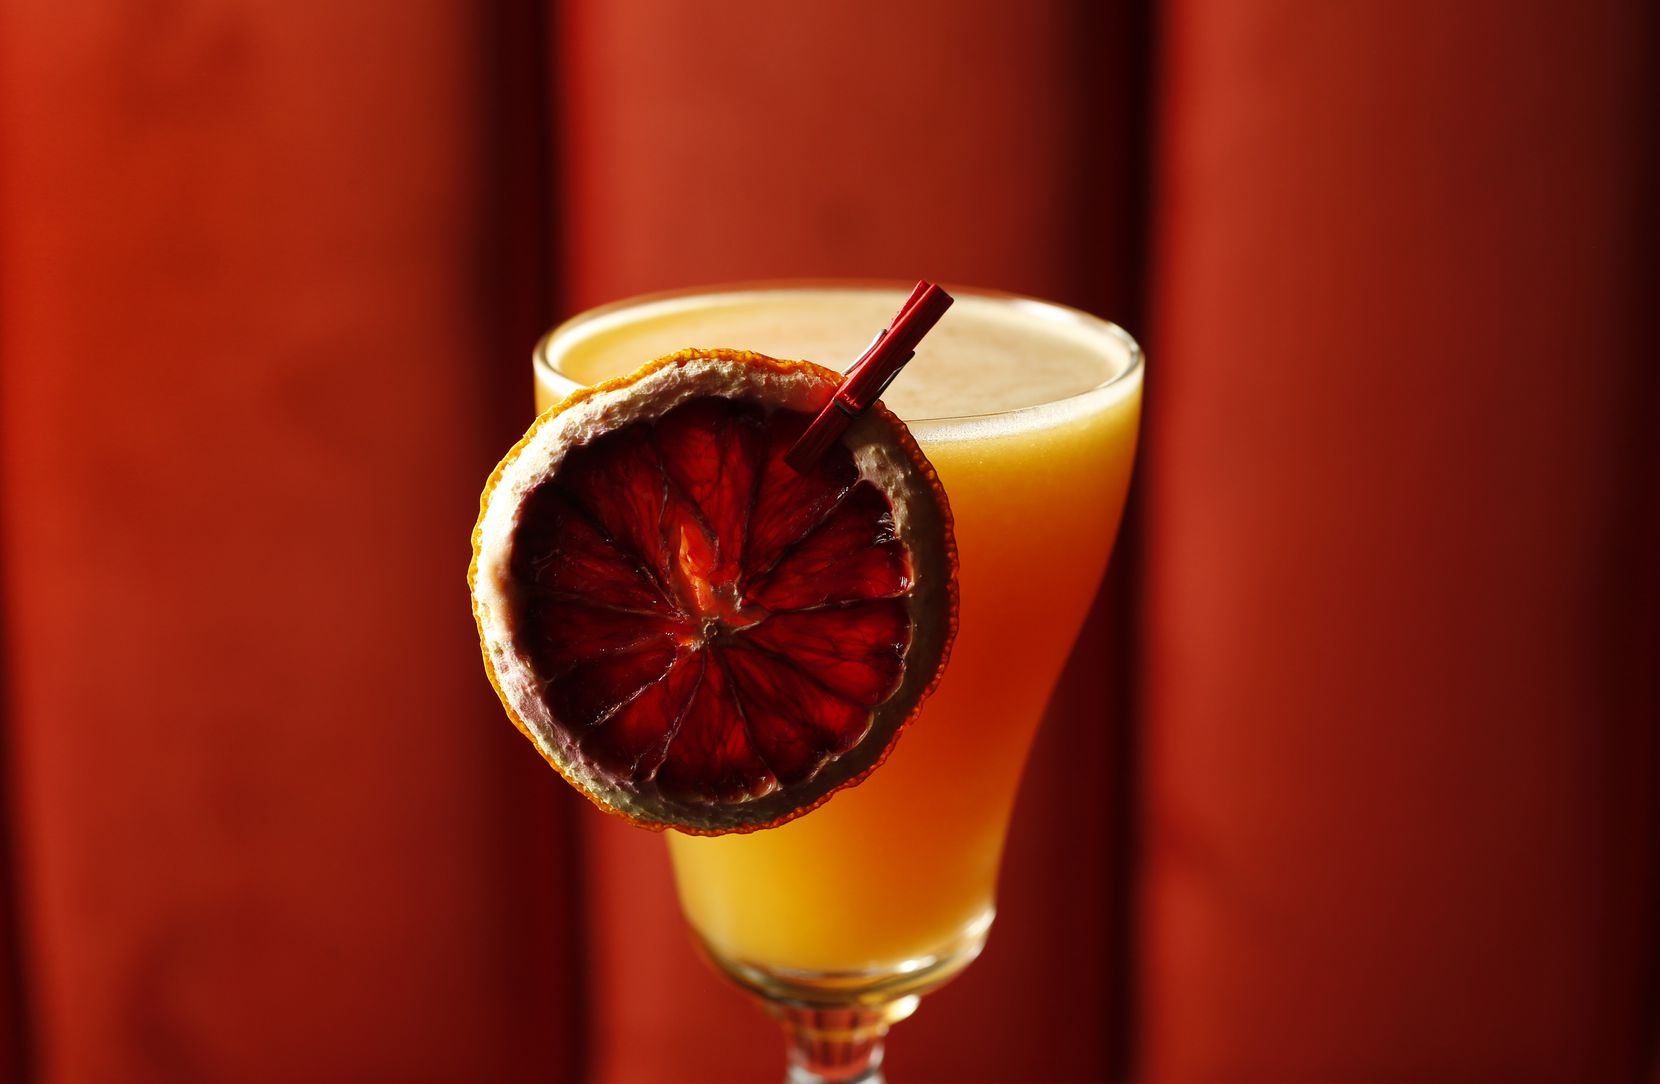 The Tuk Tuk  at Akai is made with with Remy Martin VSOP, Mandarine Napoleon, Ty Ku Soju, passion fruit, ginger reduction and lemon juice.